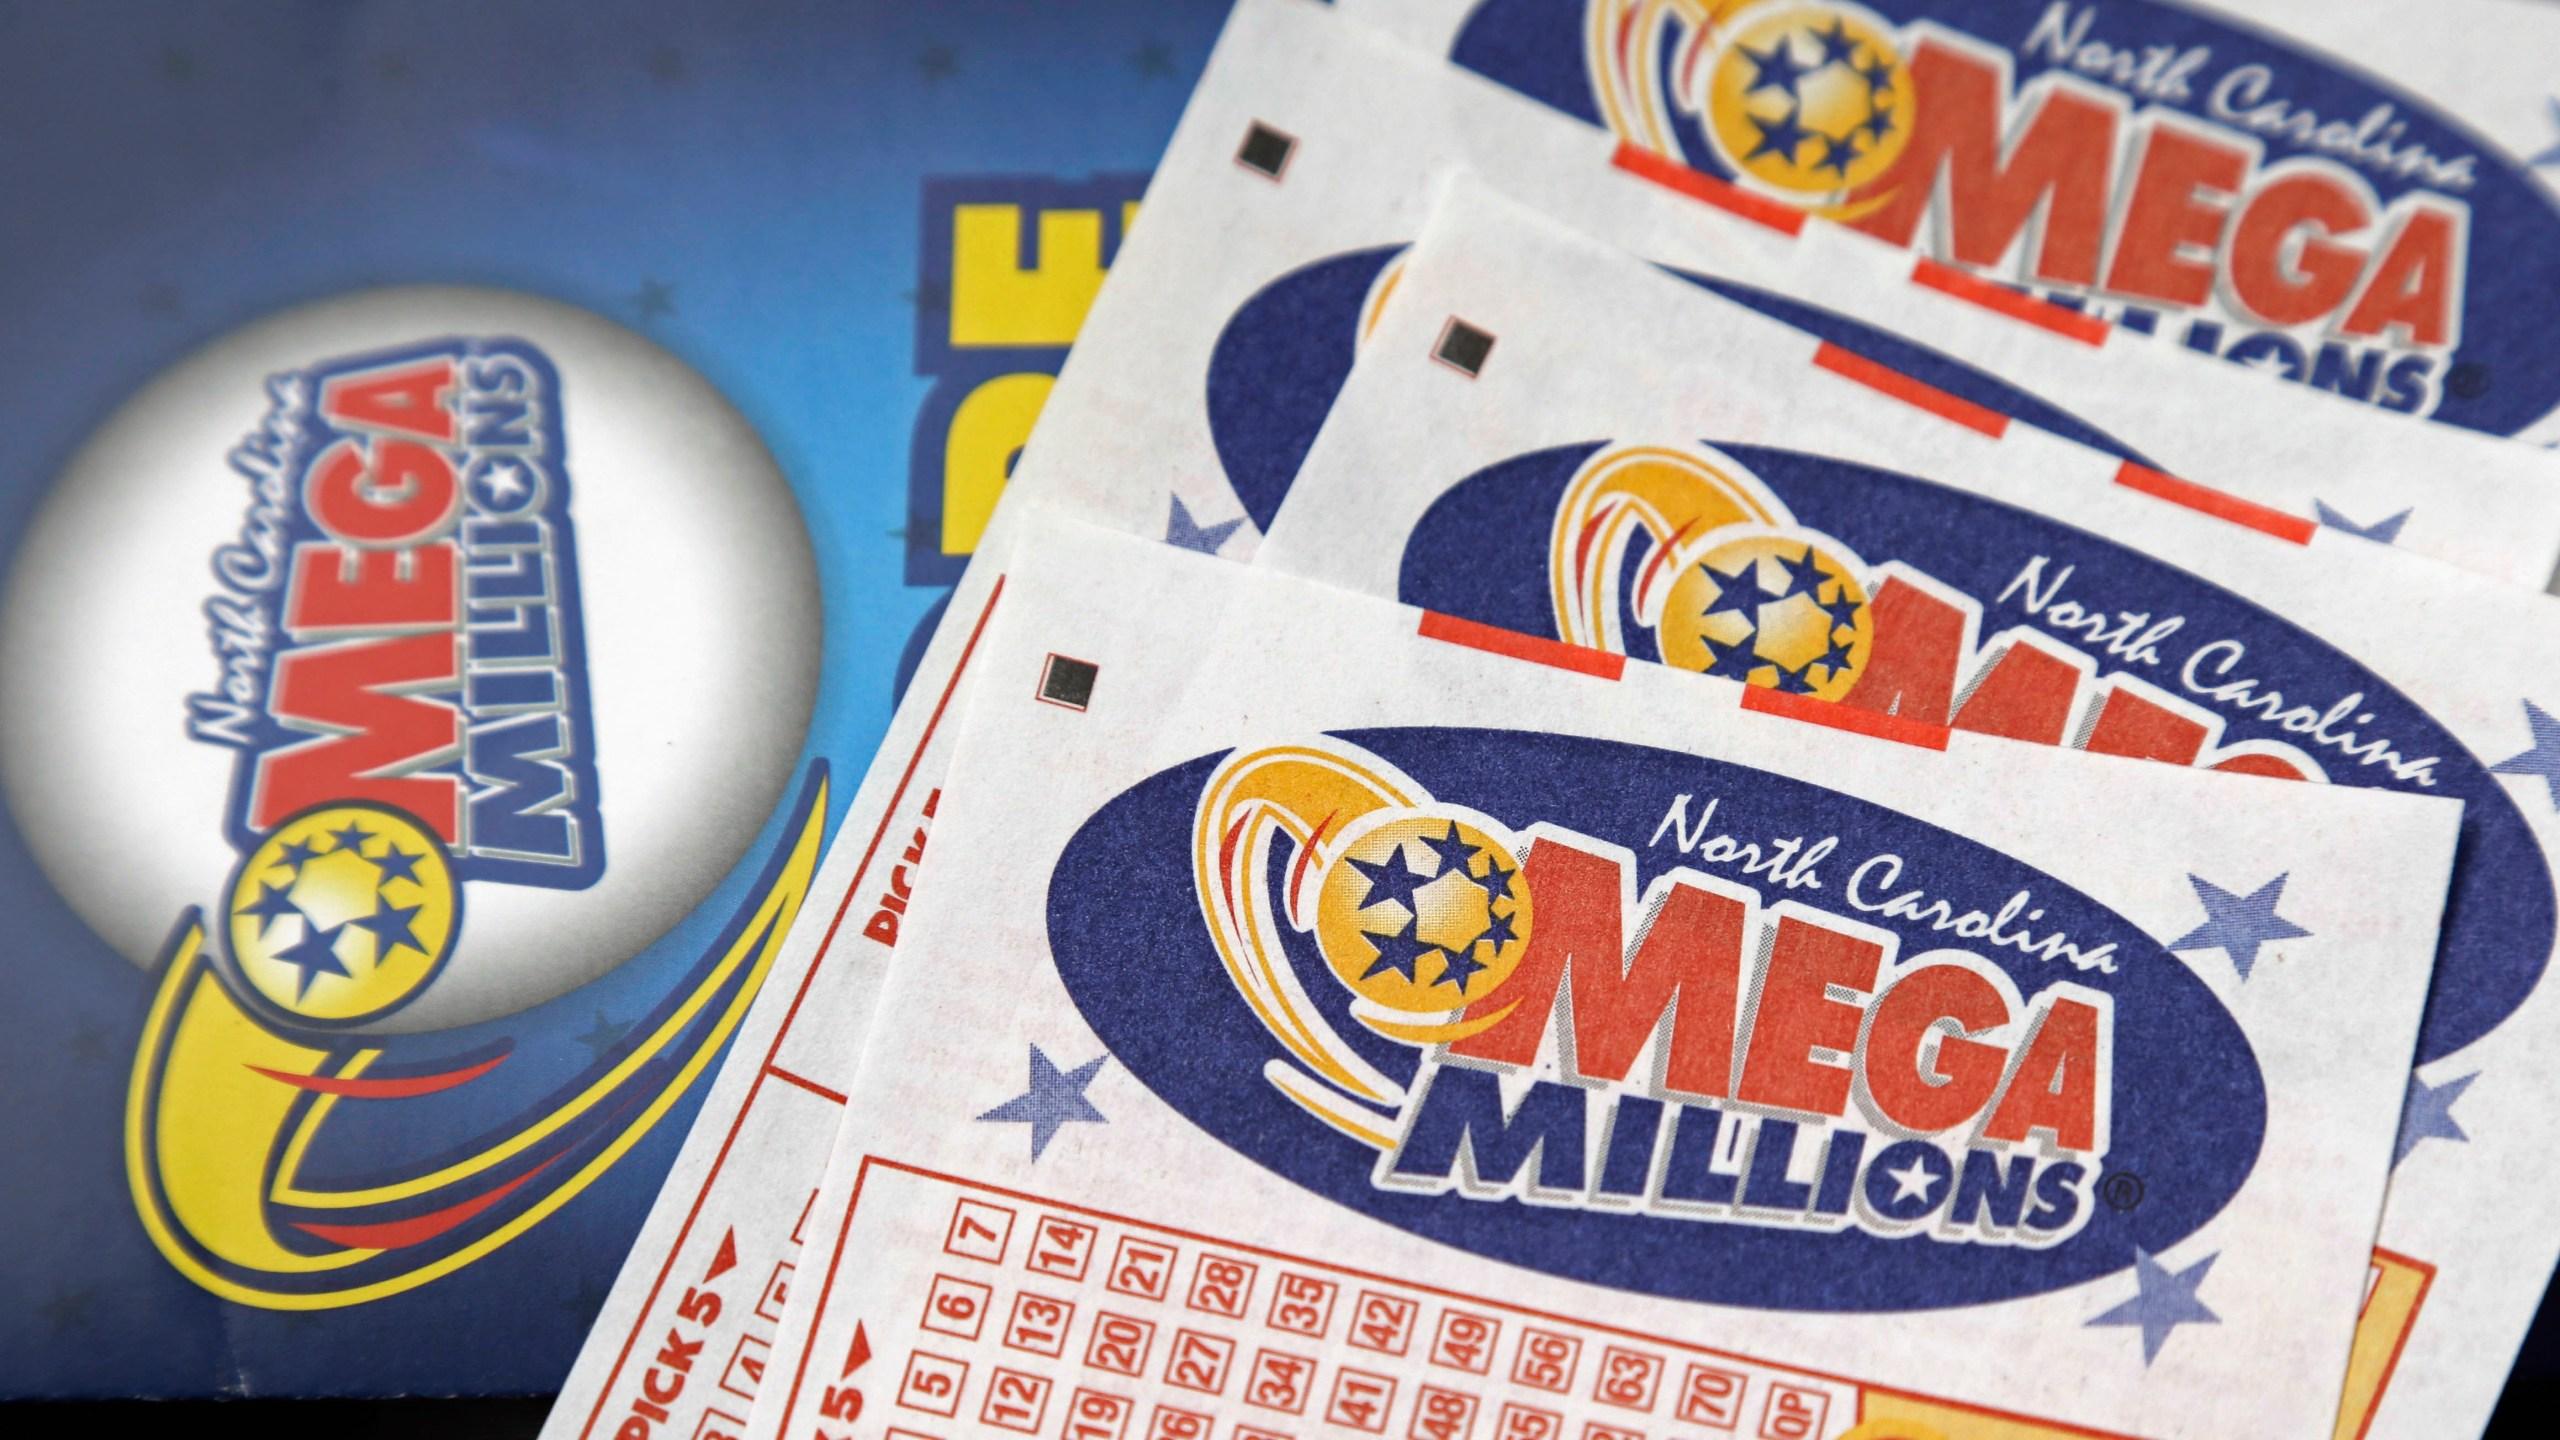 Mega_Millions_Jackpot_98313-159532.jpg74254255